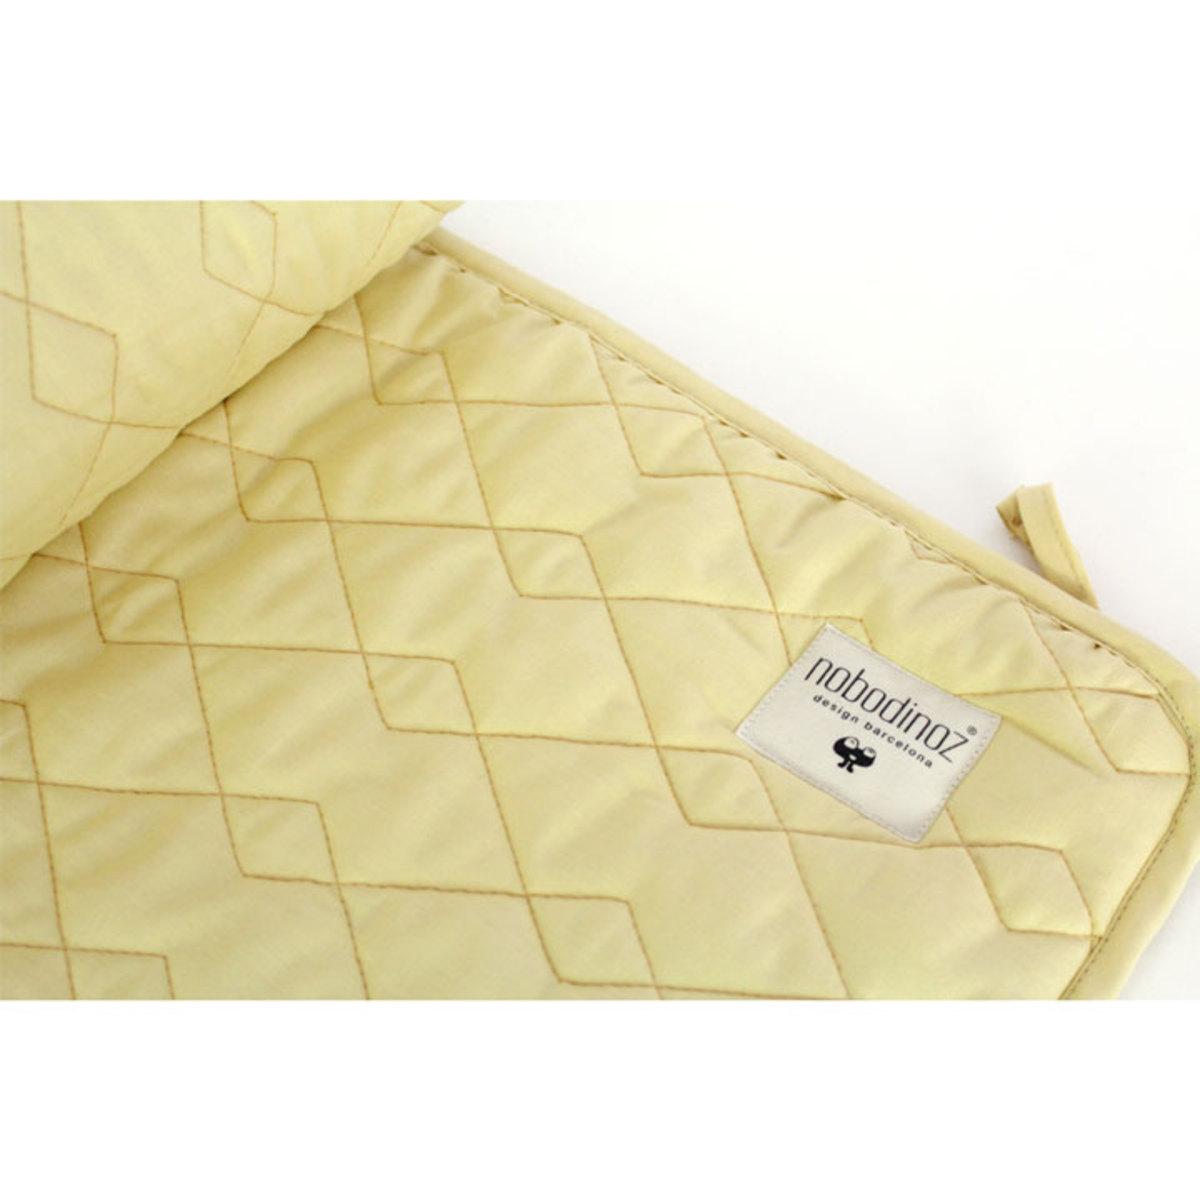 nobodinoz tour de lit alexandria pure line jaune d 39 or linge de lit nobodinoz sur l 39 armoire. Black Bedroom Furniture Sets. Home Design Ideas